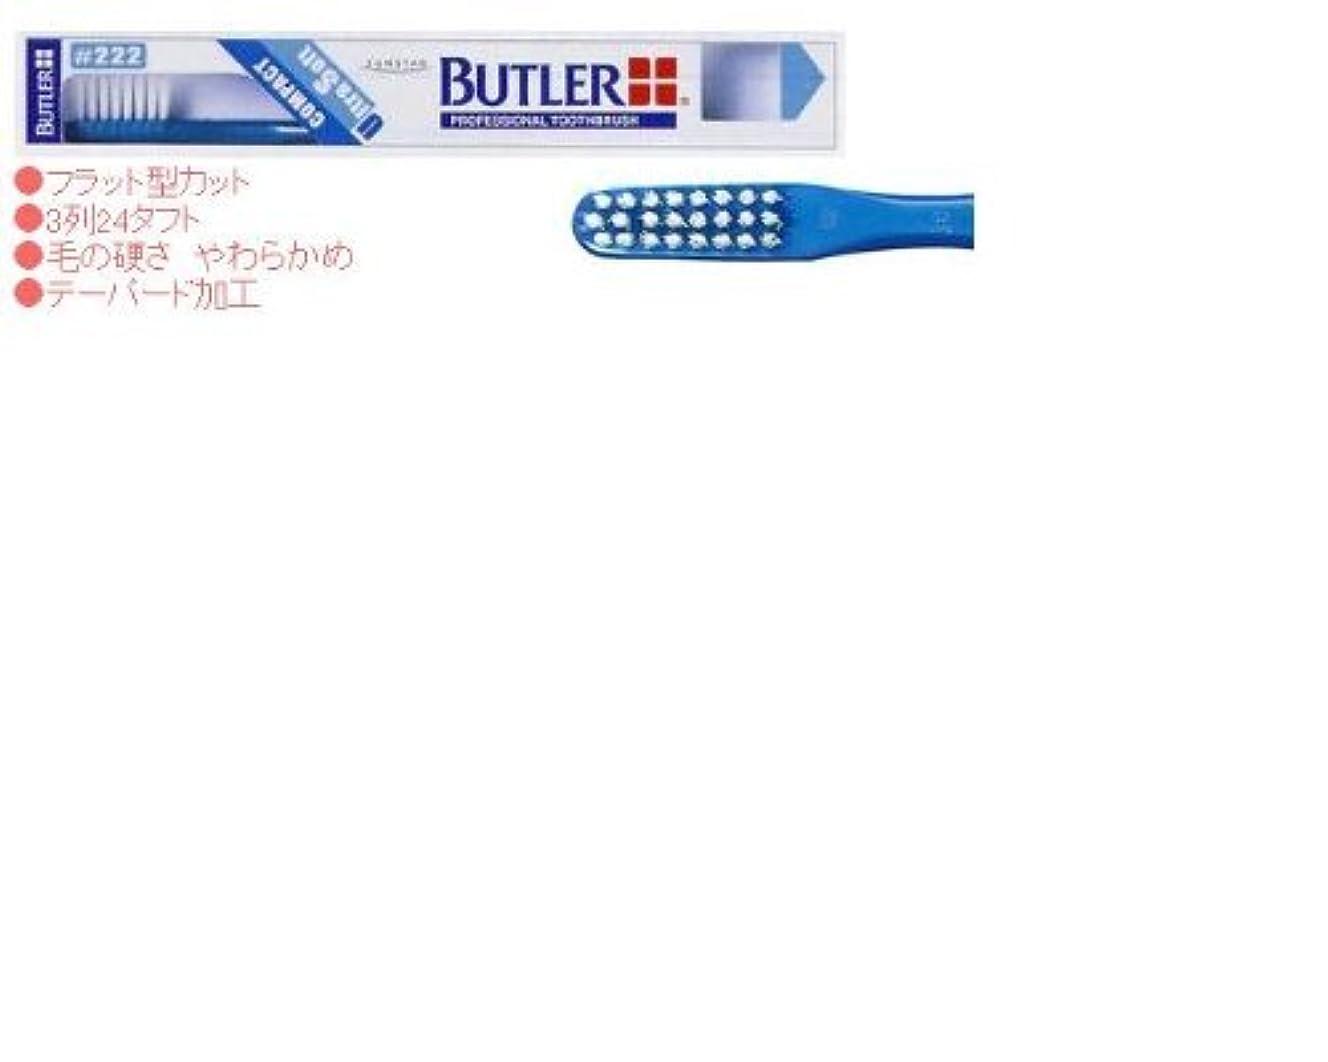 チキン縁抵抗バトラー歯ブラシ 1本 #222